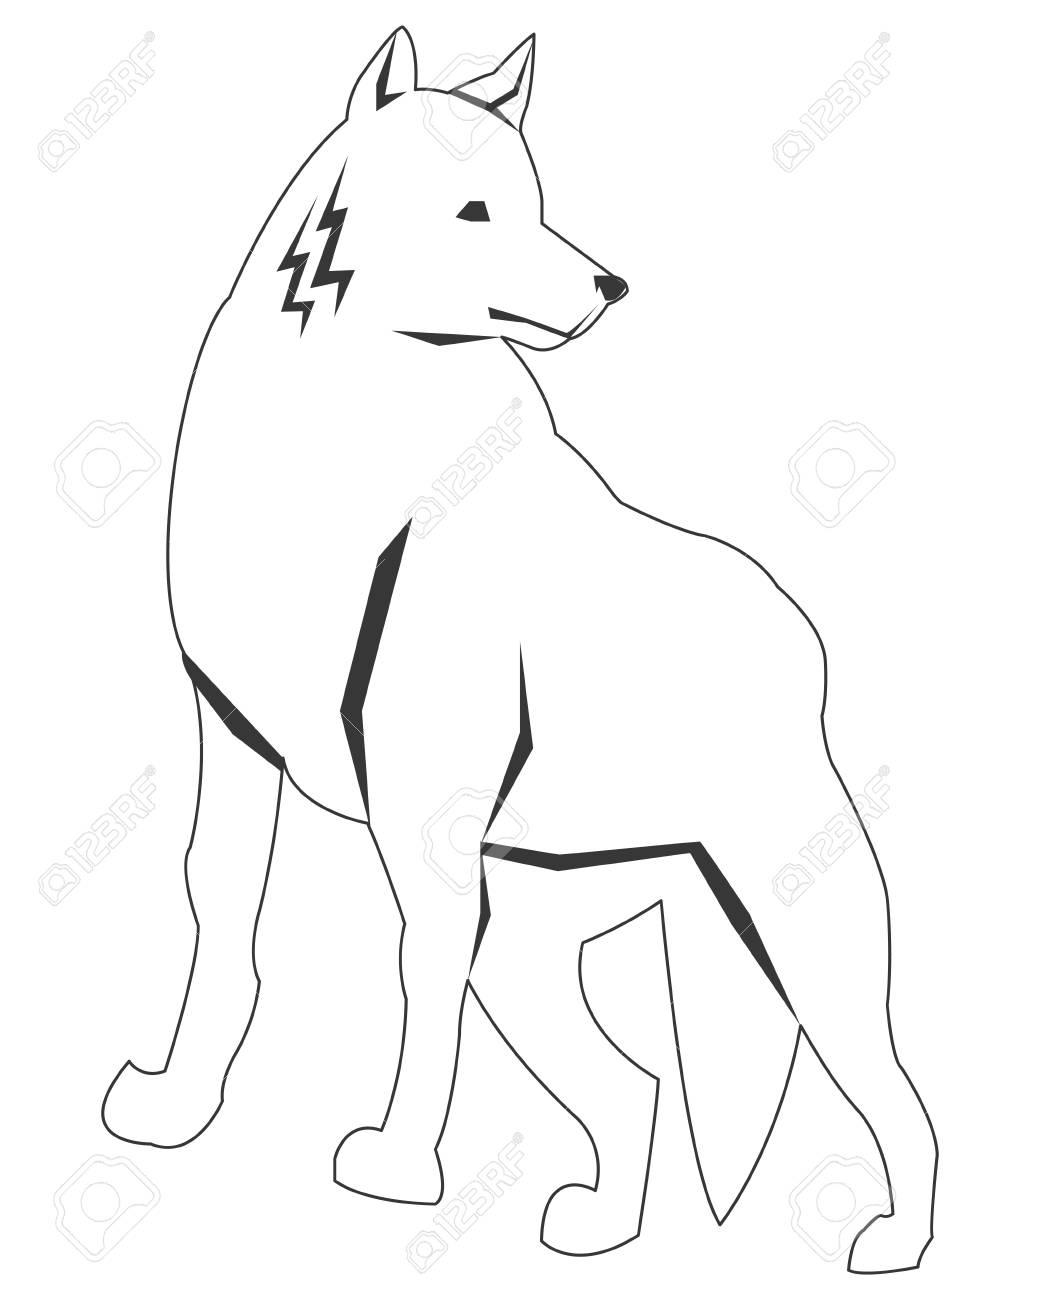 シンプルな黒い線狼アイコン ベクトル イラスト動物